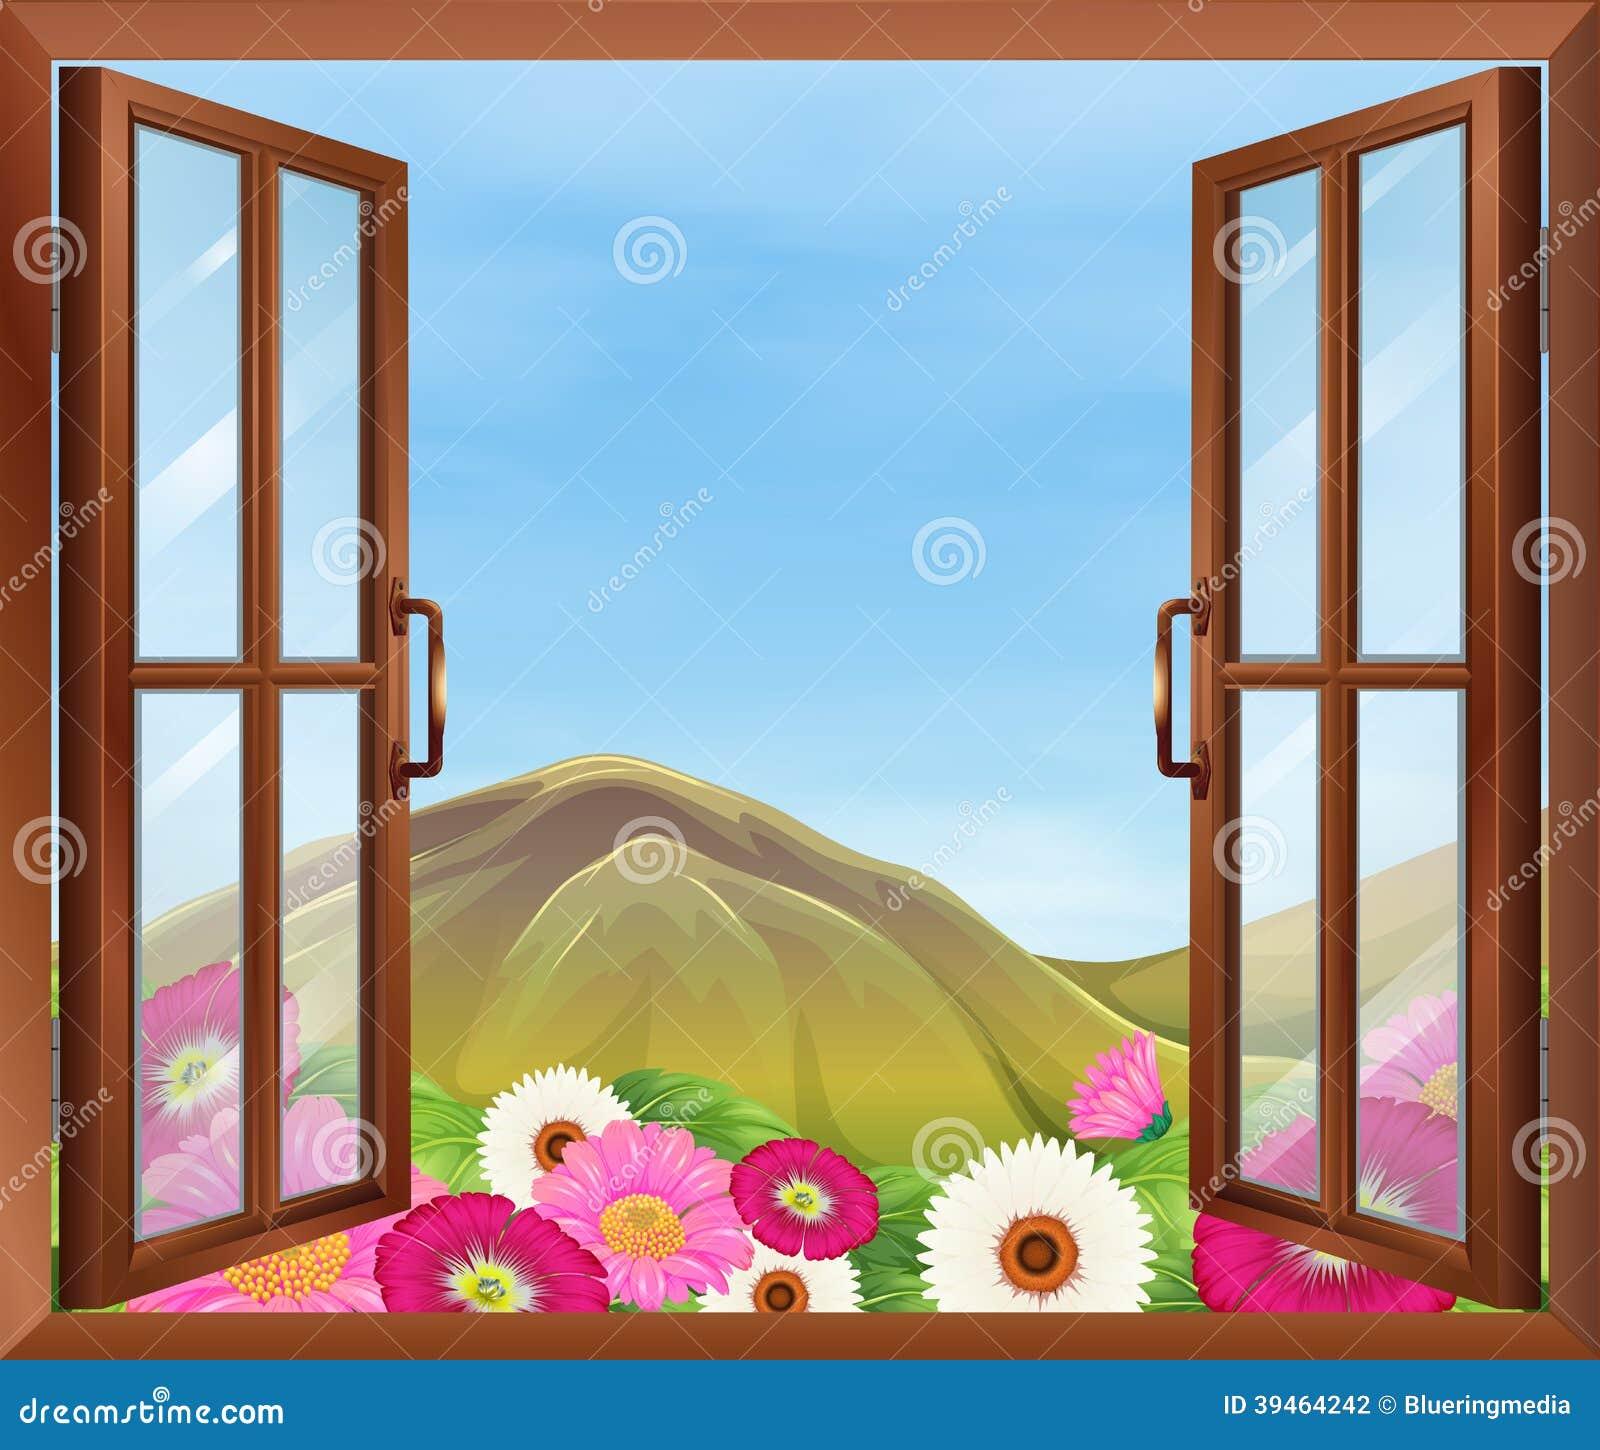 Offenes fenster  Ein Offenes Fenster Mit Blumen Draußen Vektor Abbildung - Bild ...